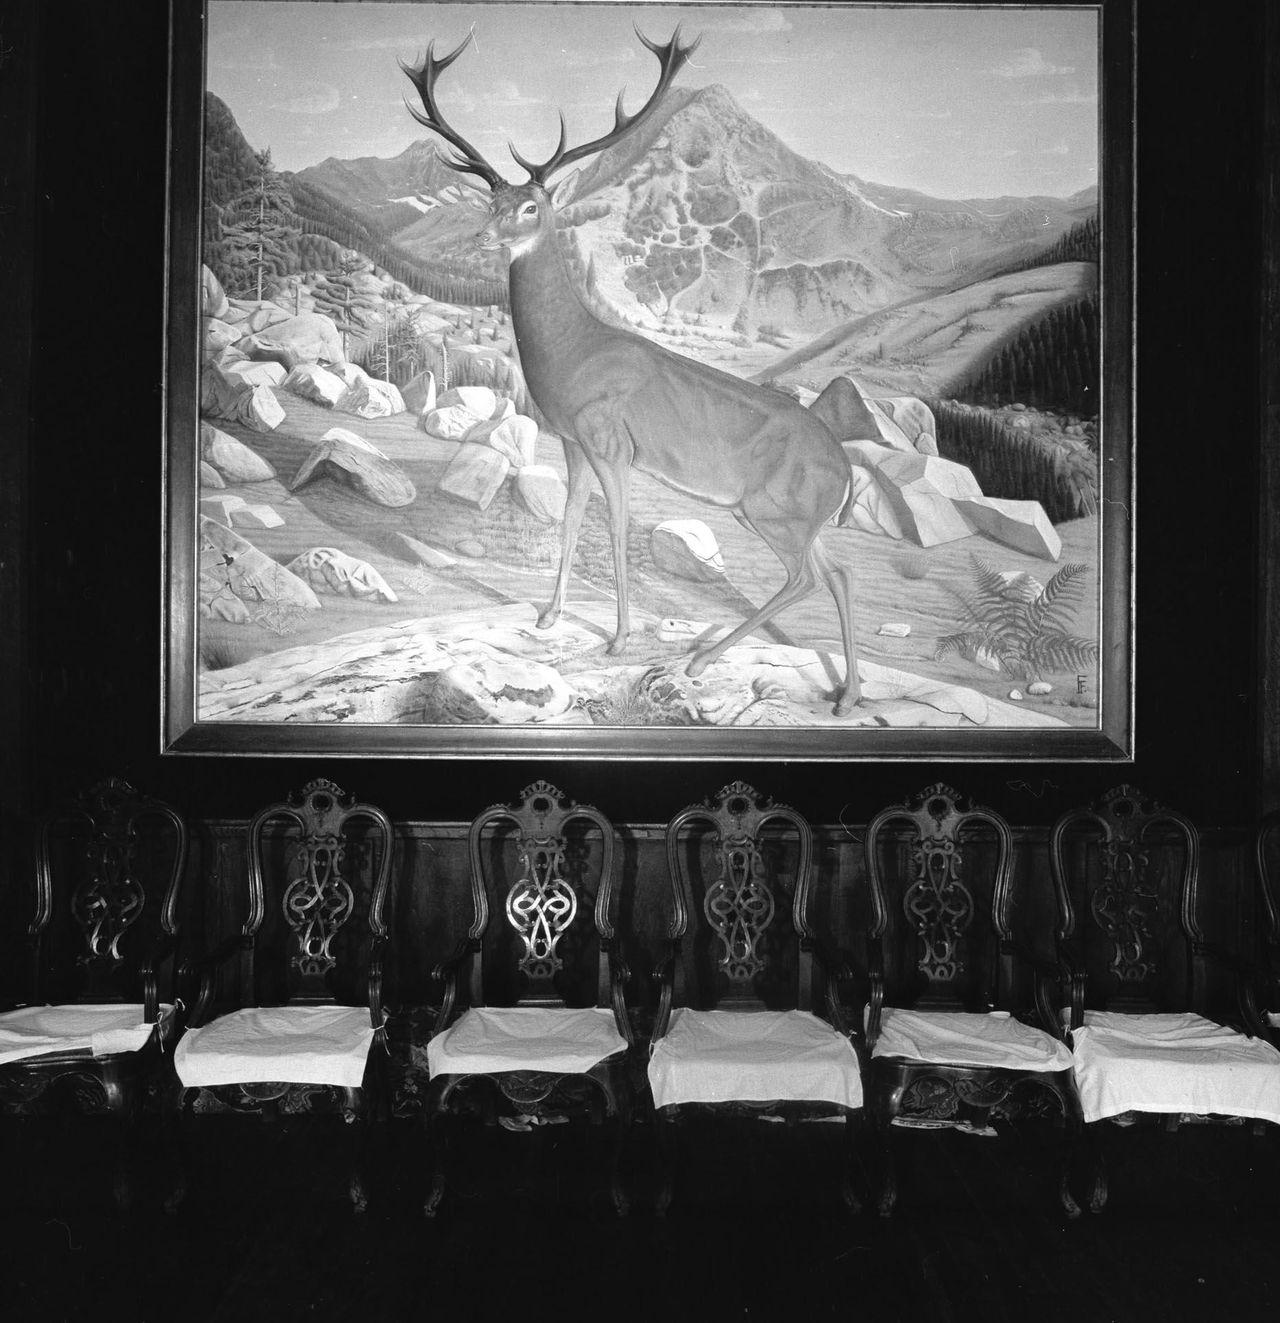 Fotografía de 1961 en la que se ve un juego de sillas de brazos de madera con arabescos y asientos de cuerda debajo de un cuadro de gran formato pintado, según algunas fuentes, por Franco. Patrimonio catalogó decenas de cabezas de ciervo, corzo y otros ejemplares abatidos por el dictador